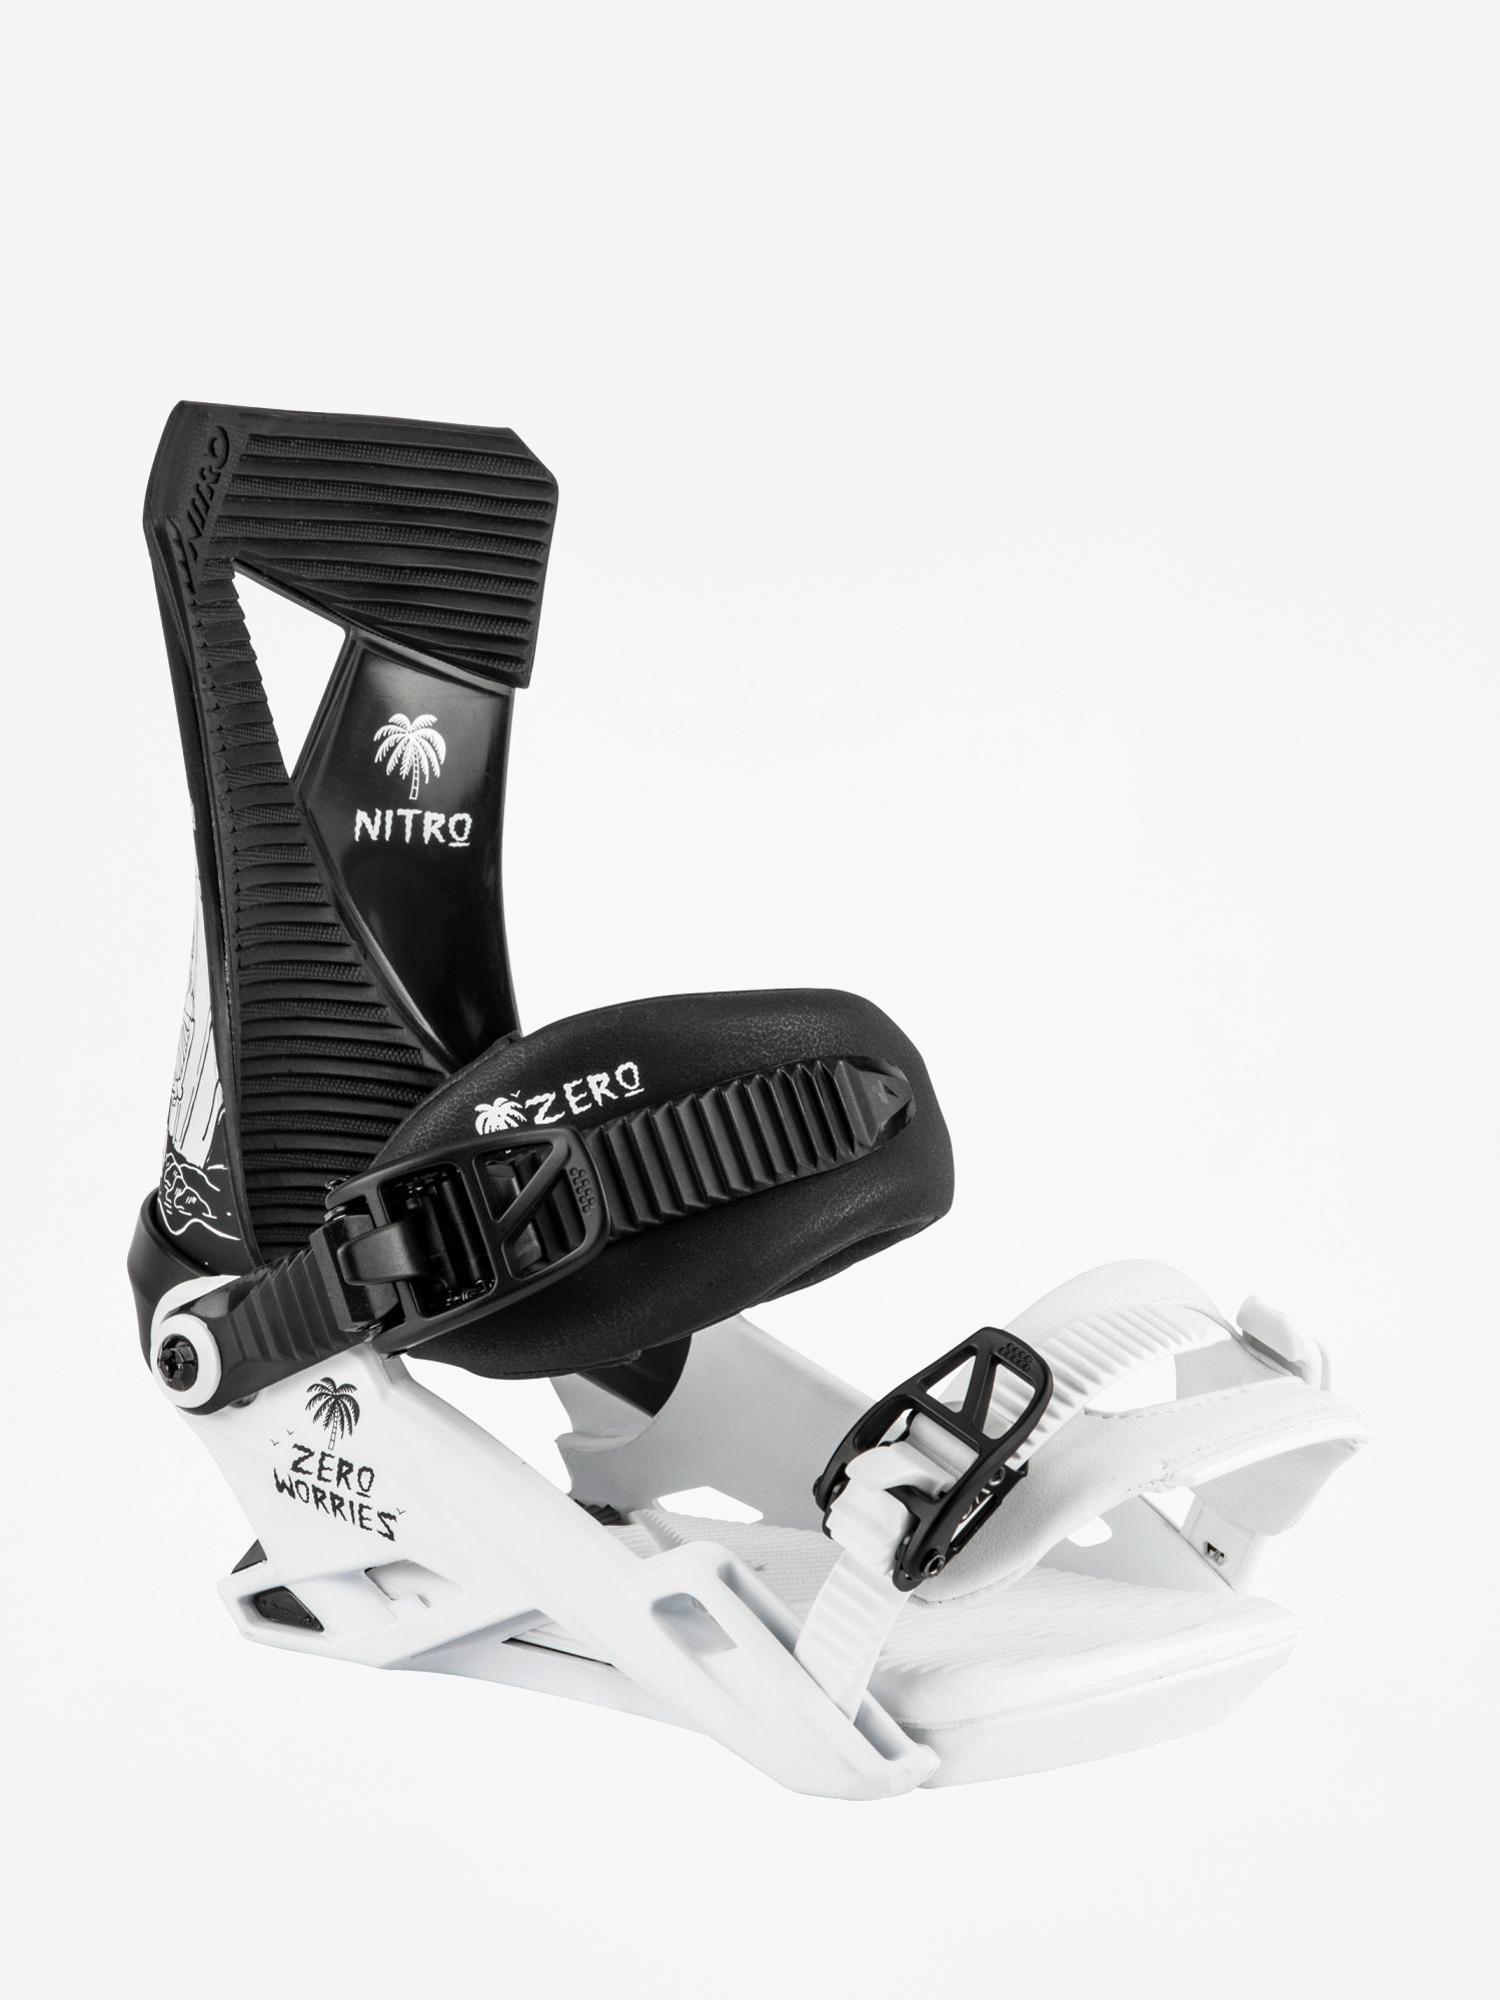 Wiu0105zania snowboardowe Nitro Zero (zero worries ii)